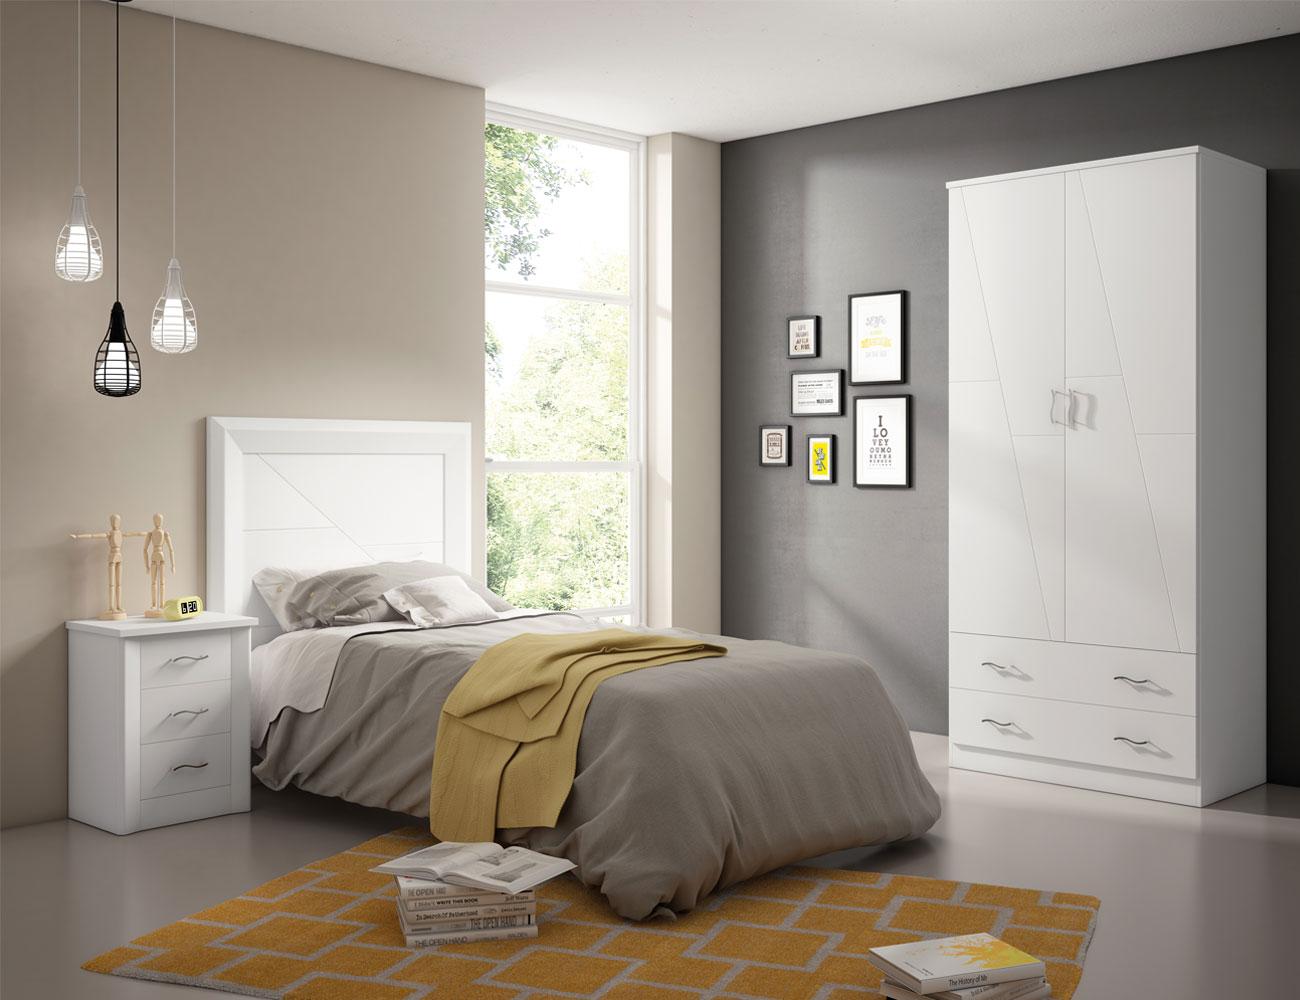 5 dormitorio juvenil madera blanco lacado2